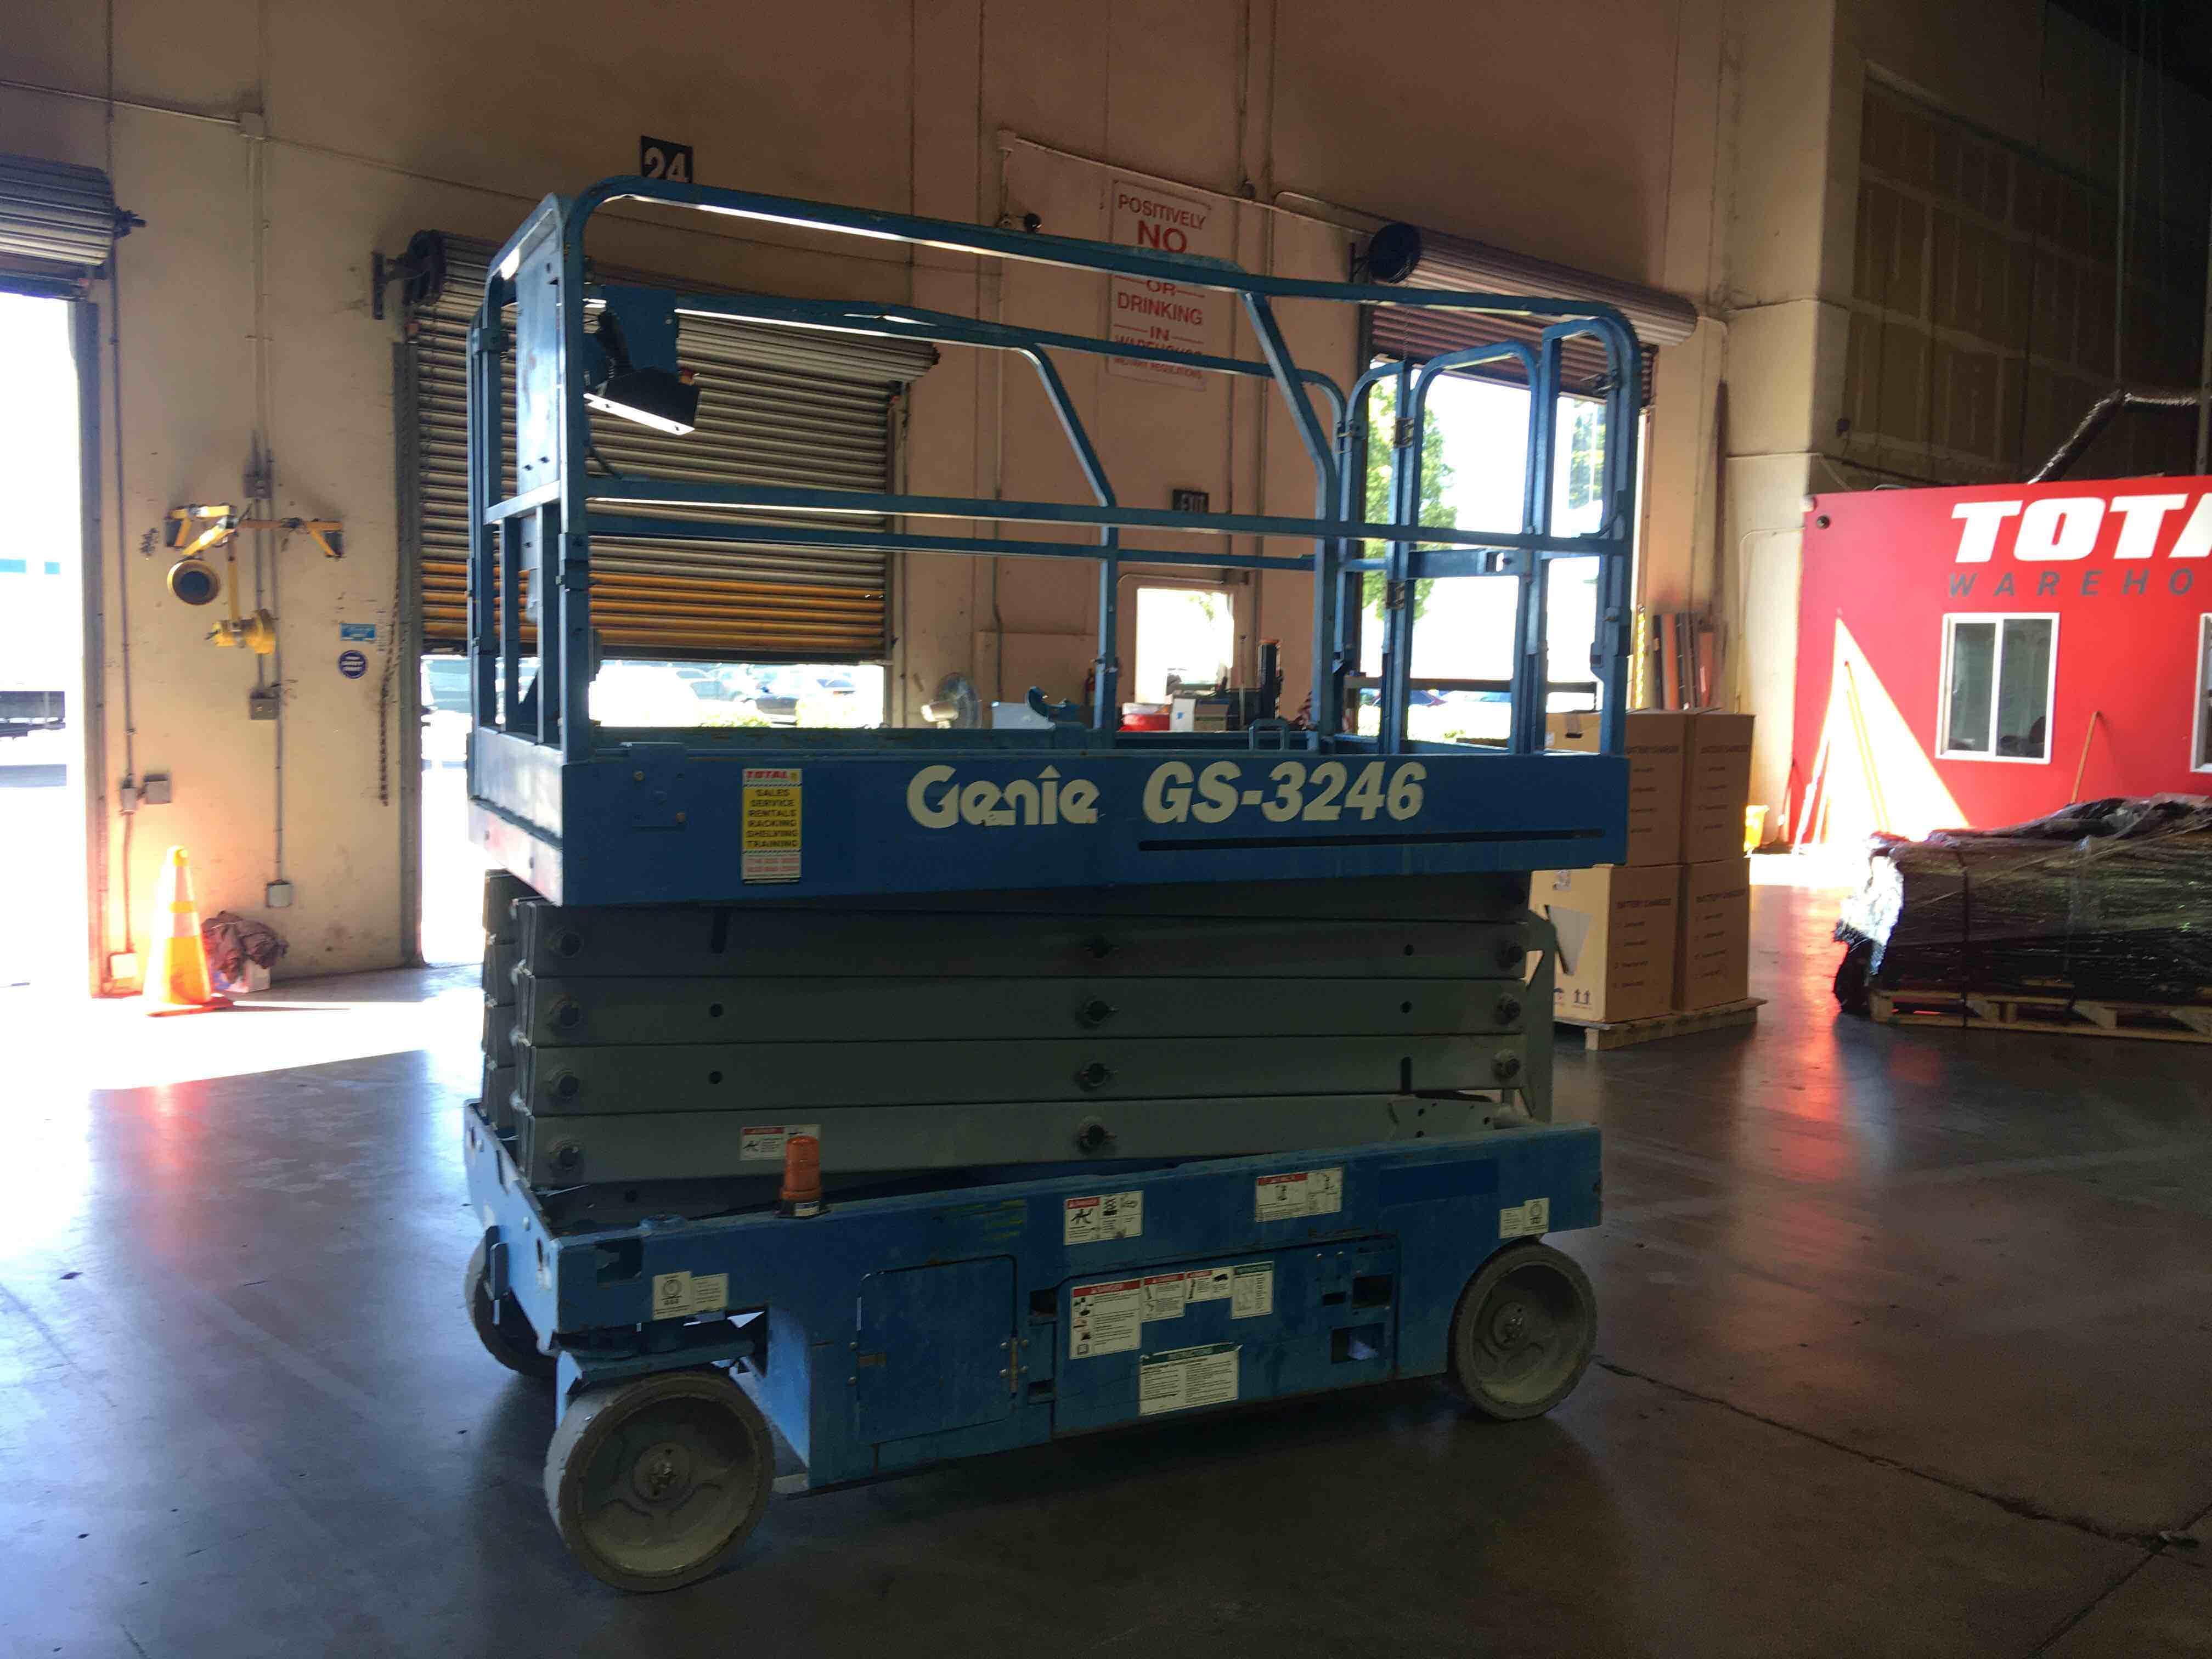 GS-3246 GS4615A-136655